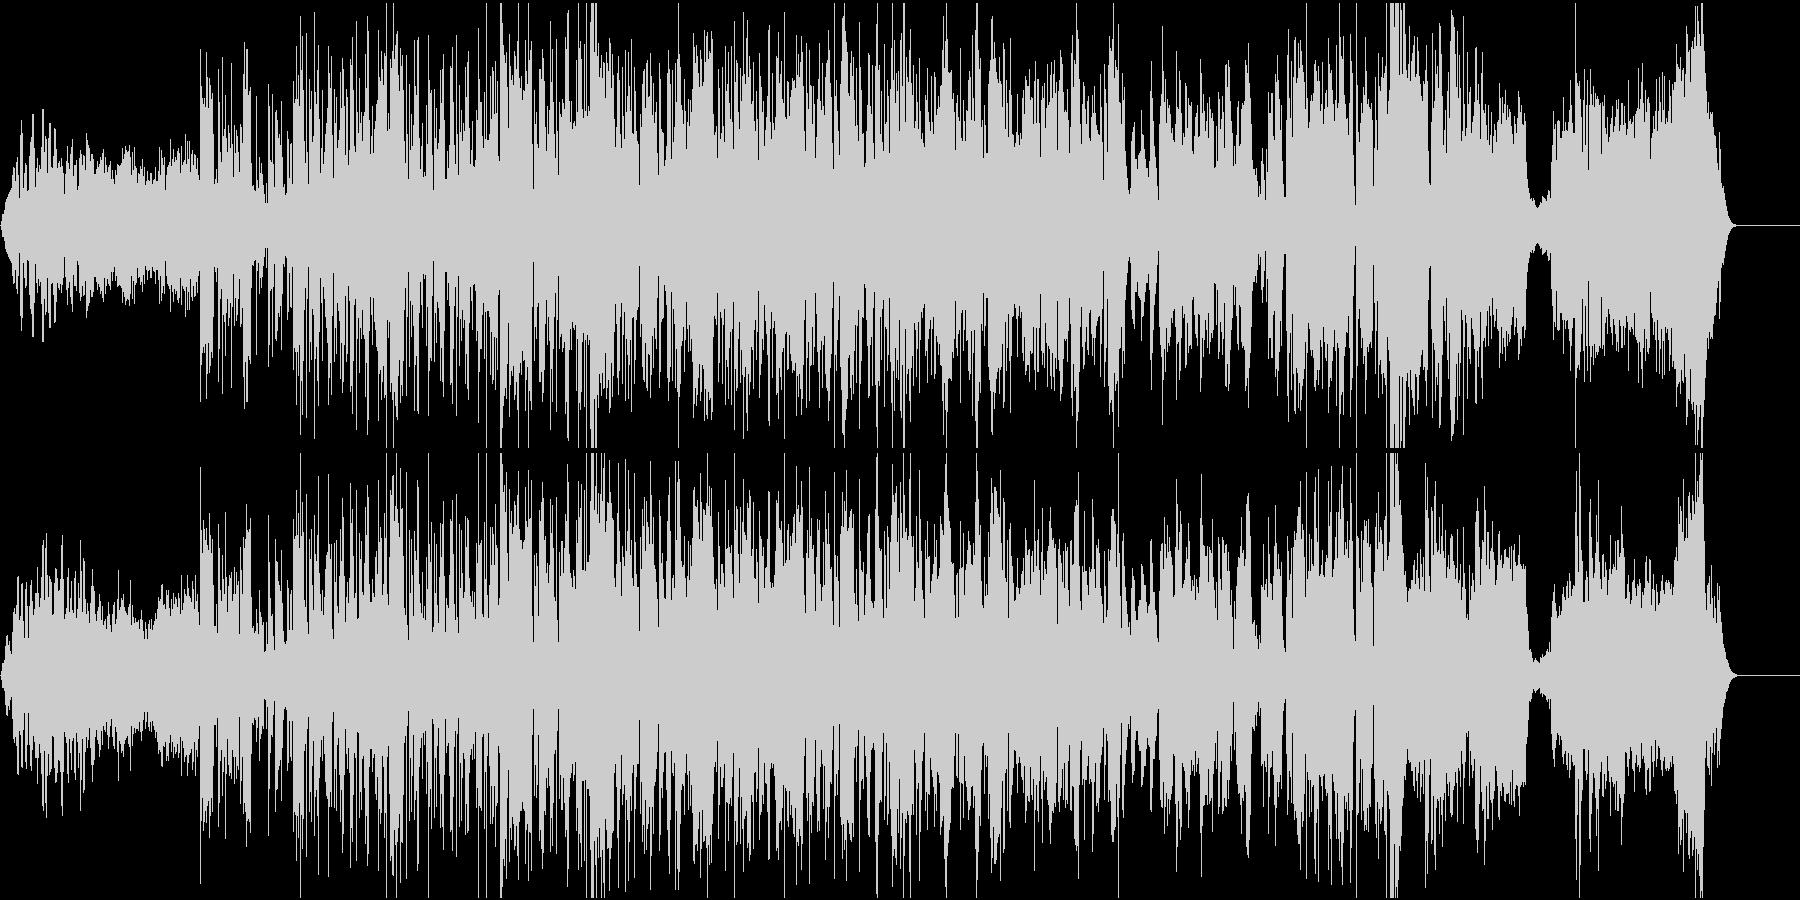 トランペット中心のビートの効いた疾走感の未再生の波形